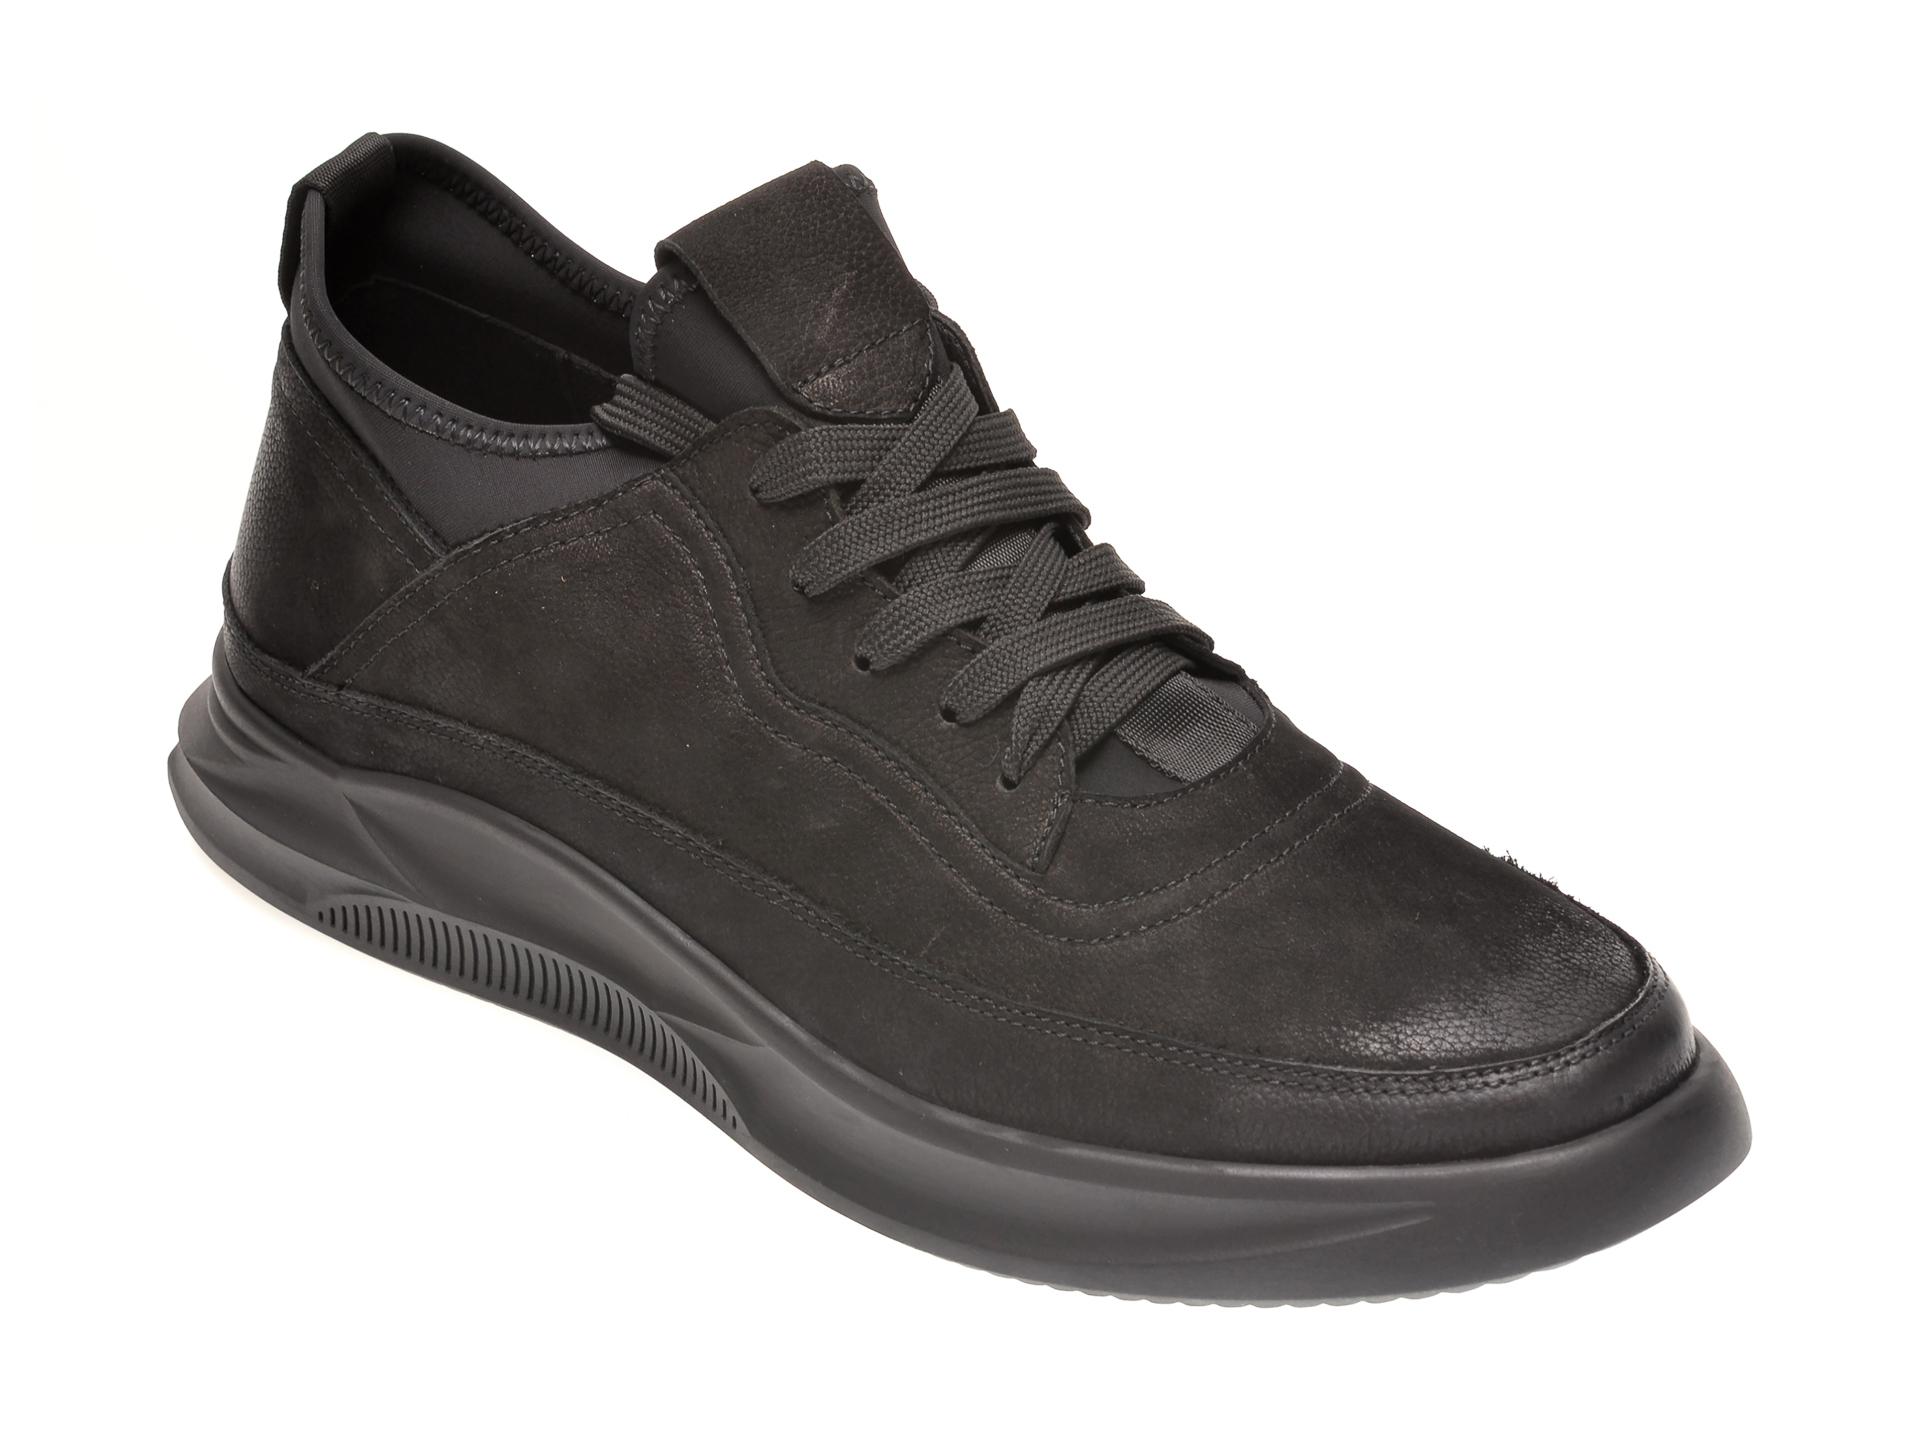 Pantofi OTTER negri, S076592, din nabuc imagine